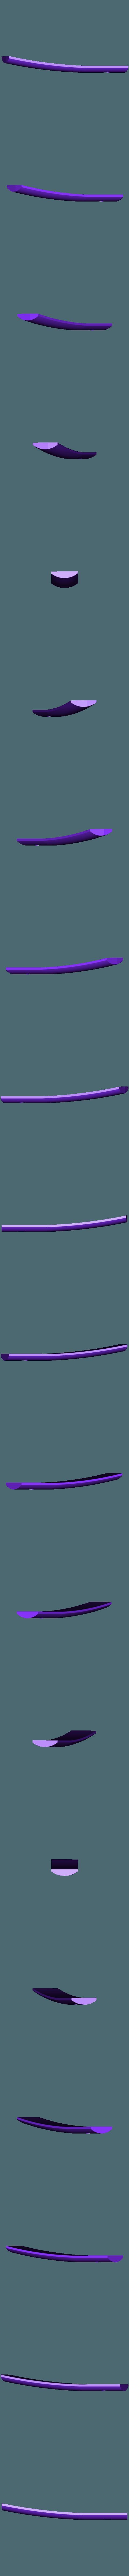 ressort_lame.stl Download free STL file Folding Astroller knife with locking catch • 3D printer design, NOP21